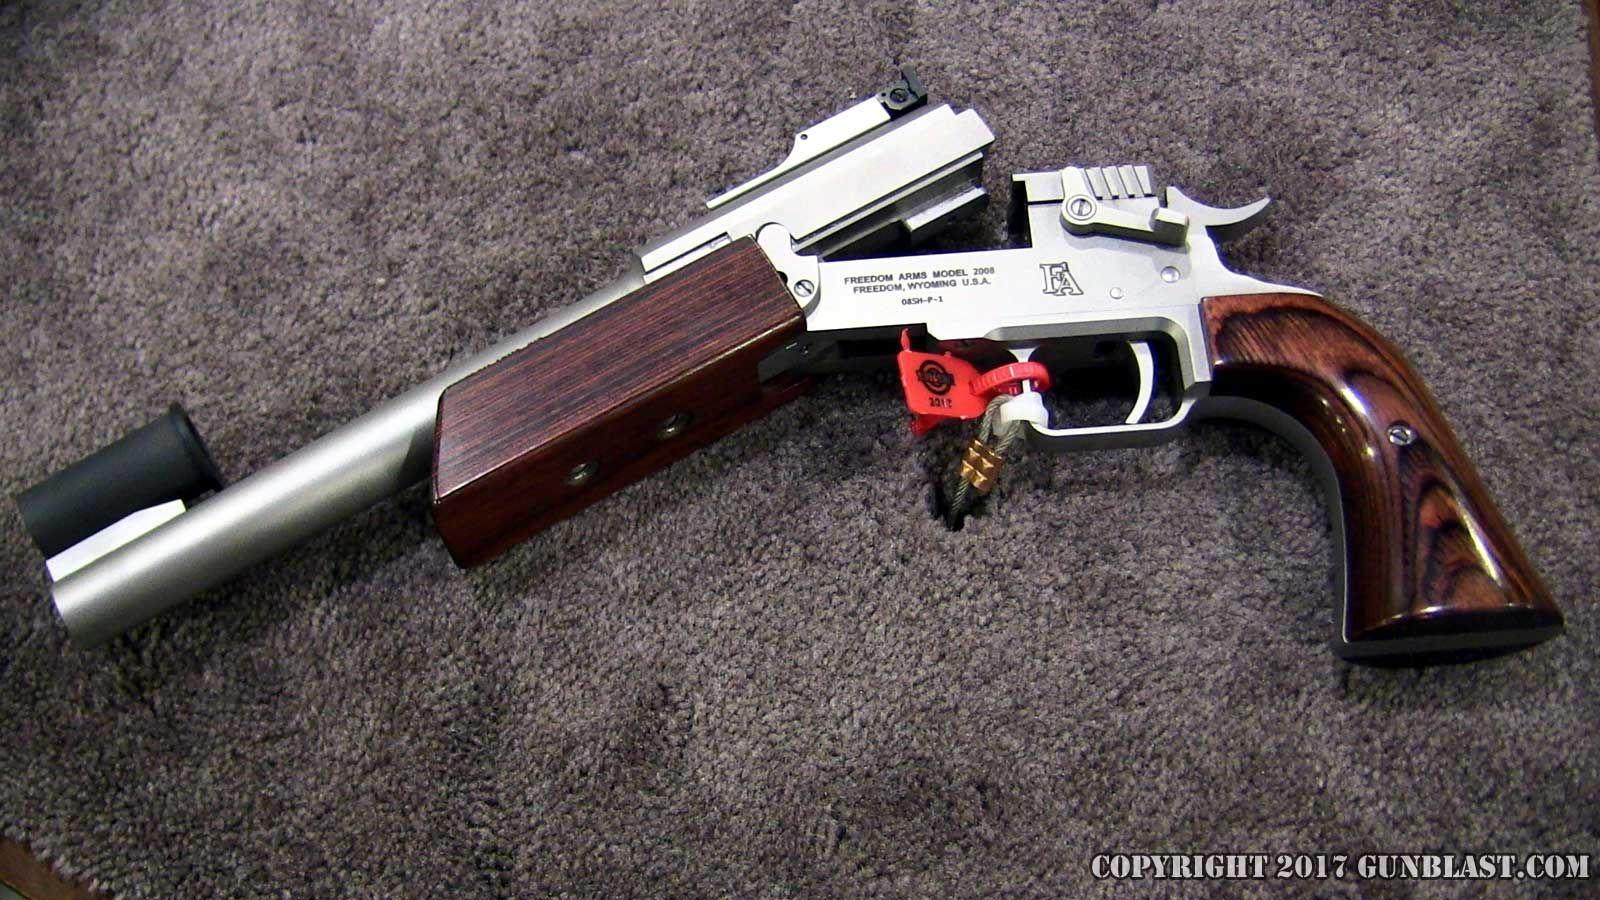 Freedom Arms Model 2008 Single Shot Pistol Hand Guns Guns Badass Guns